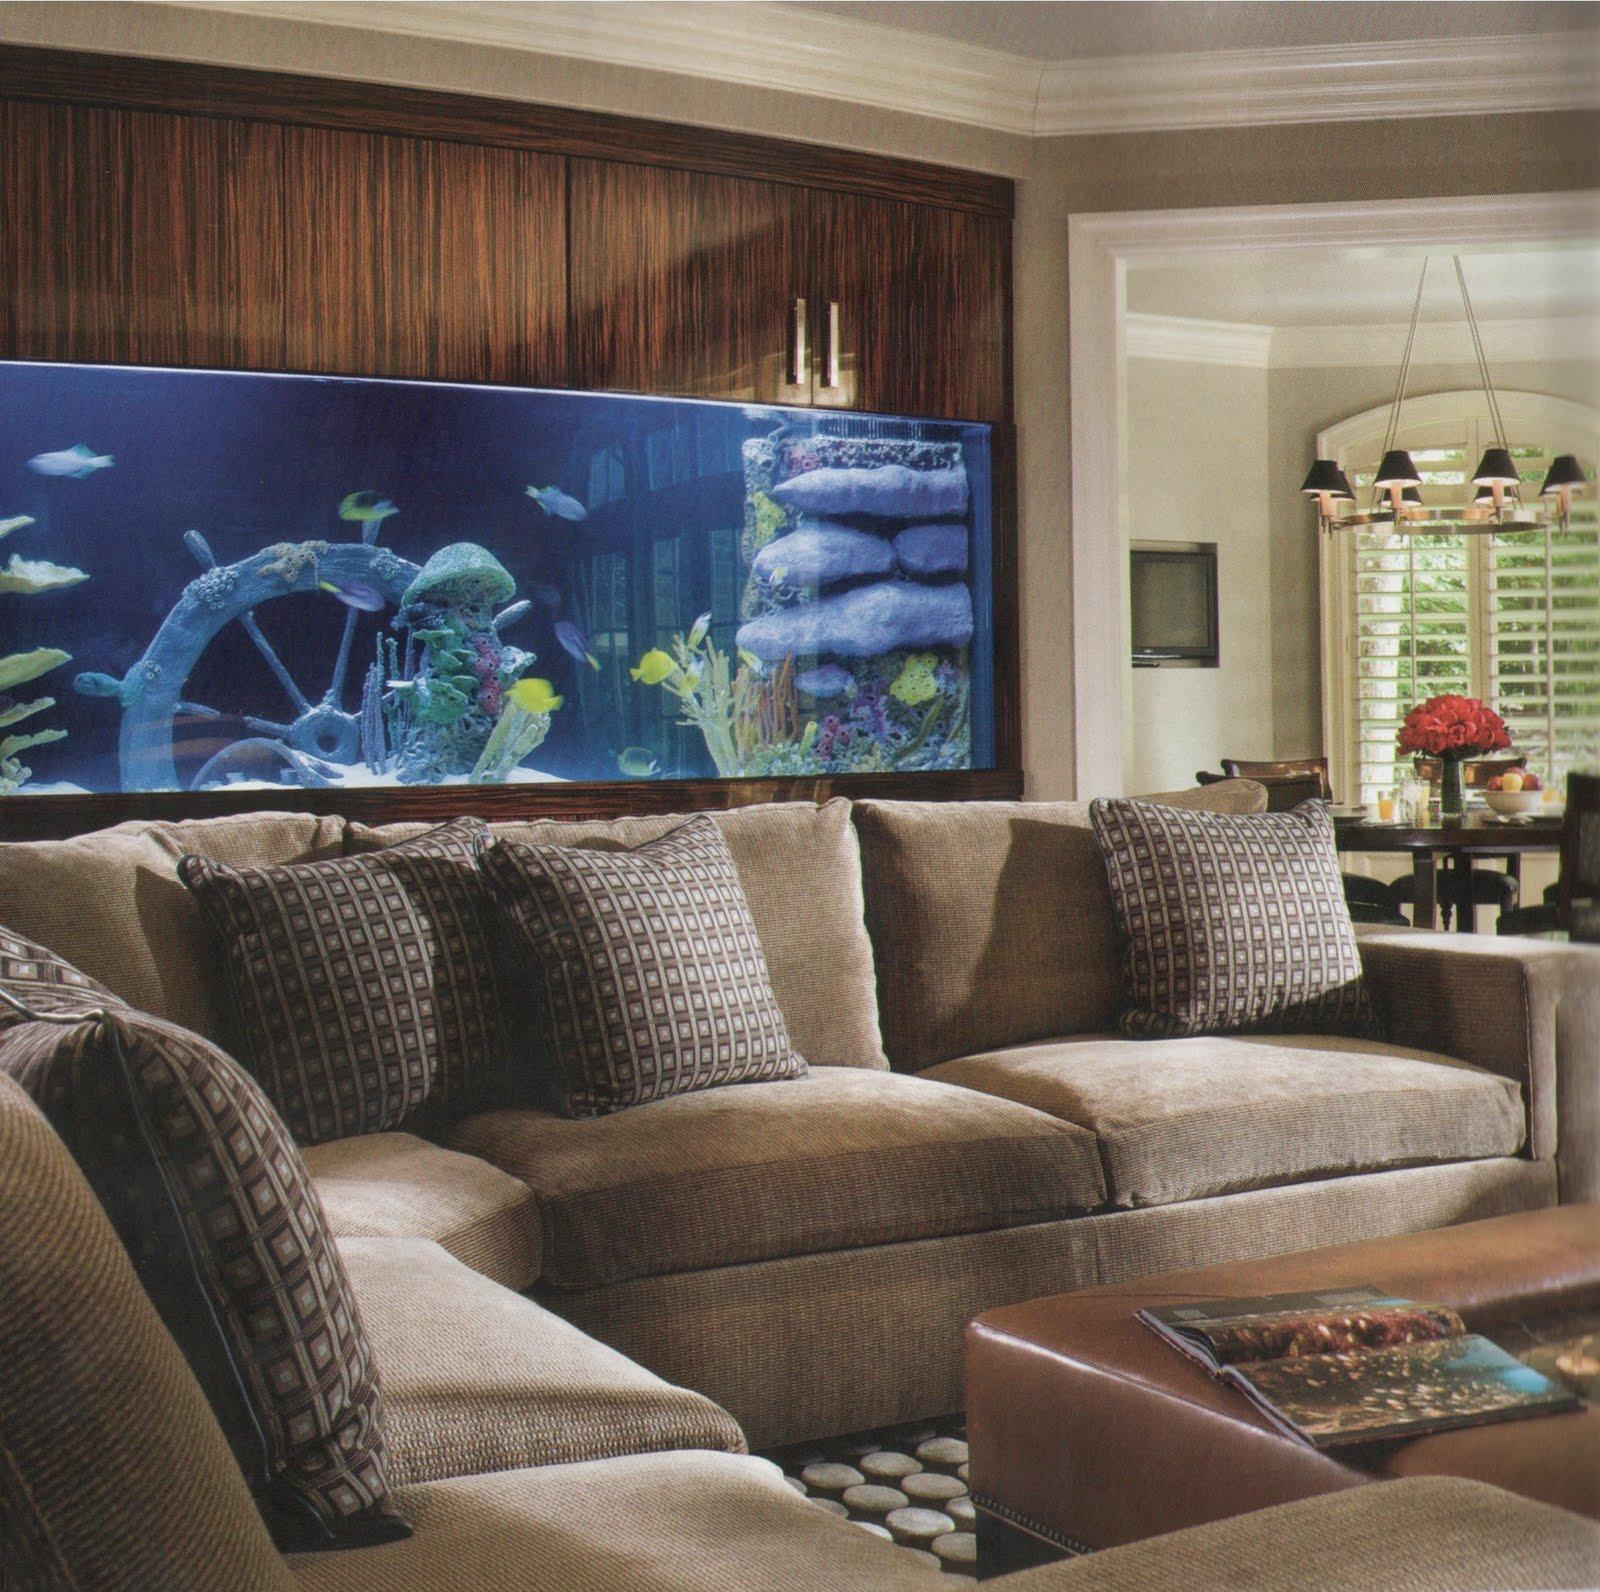 Home Aquarium Design Ideas: Interior Design And Deco